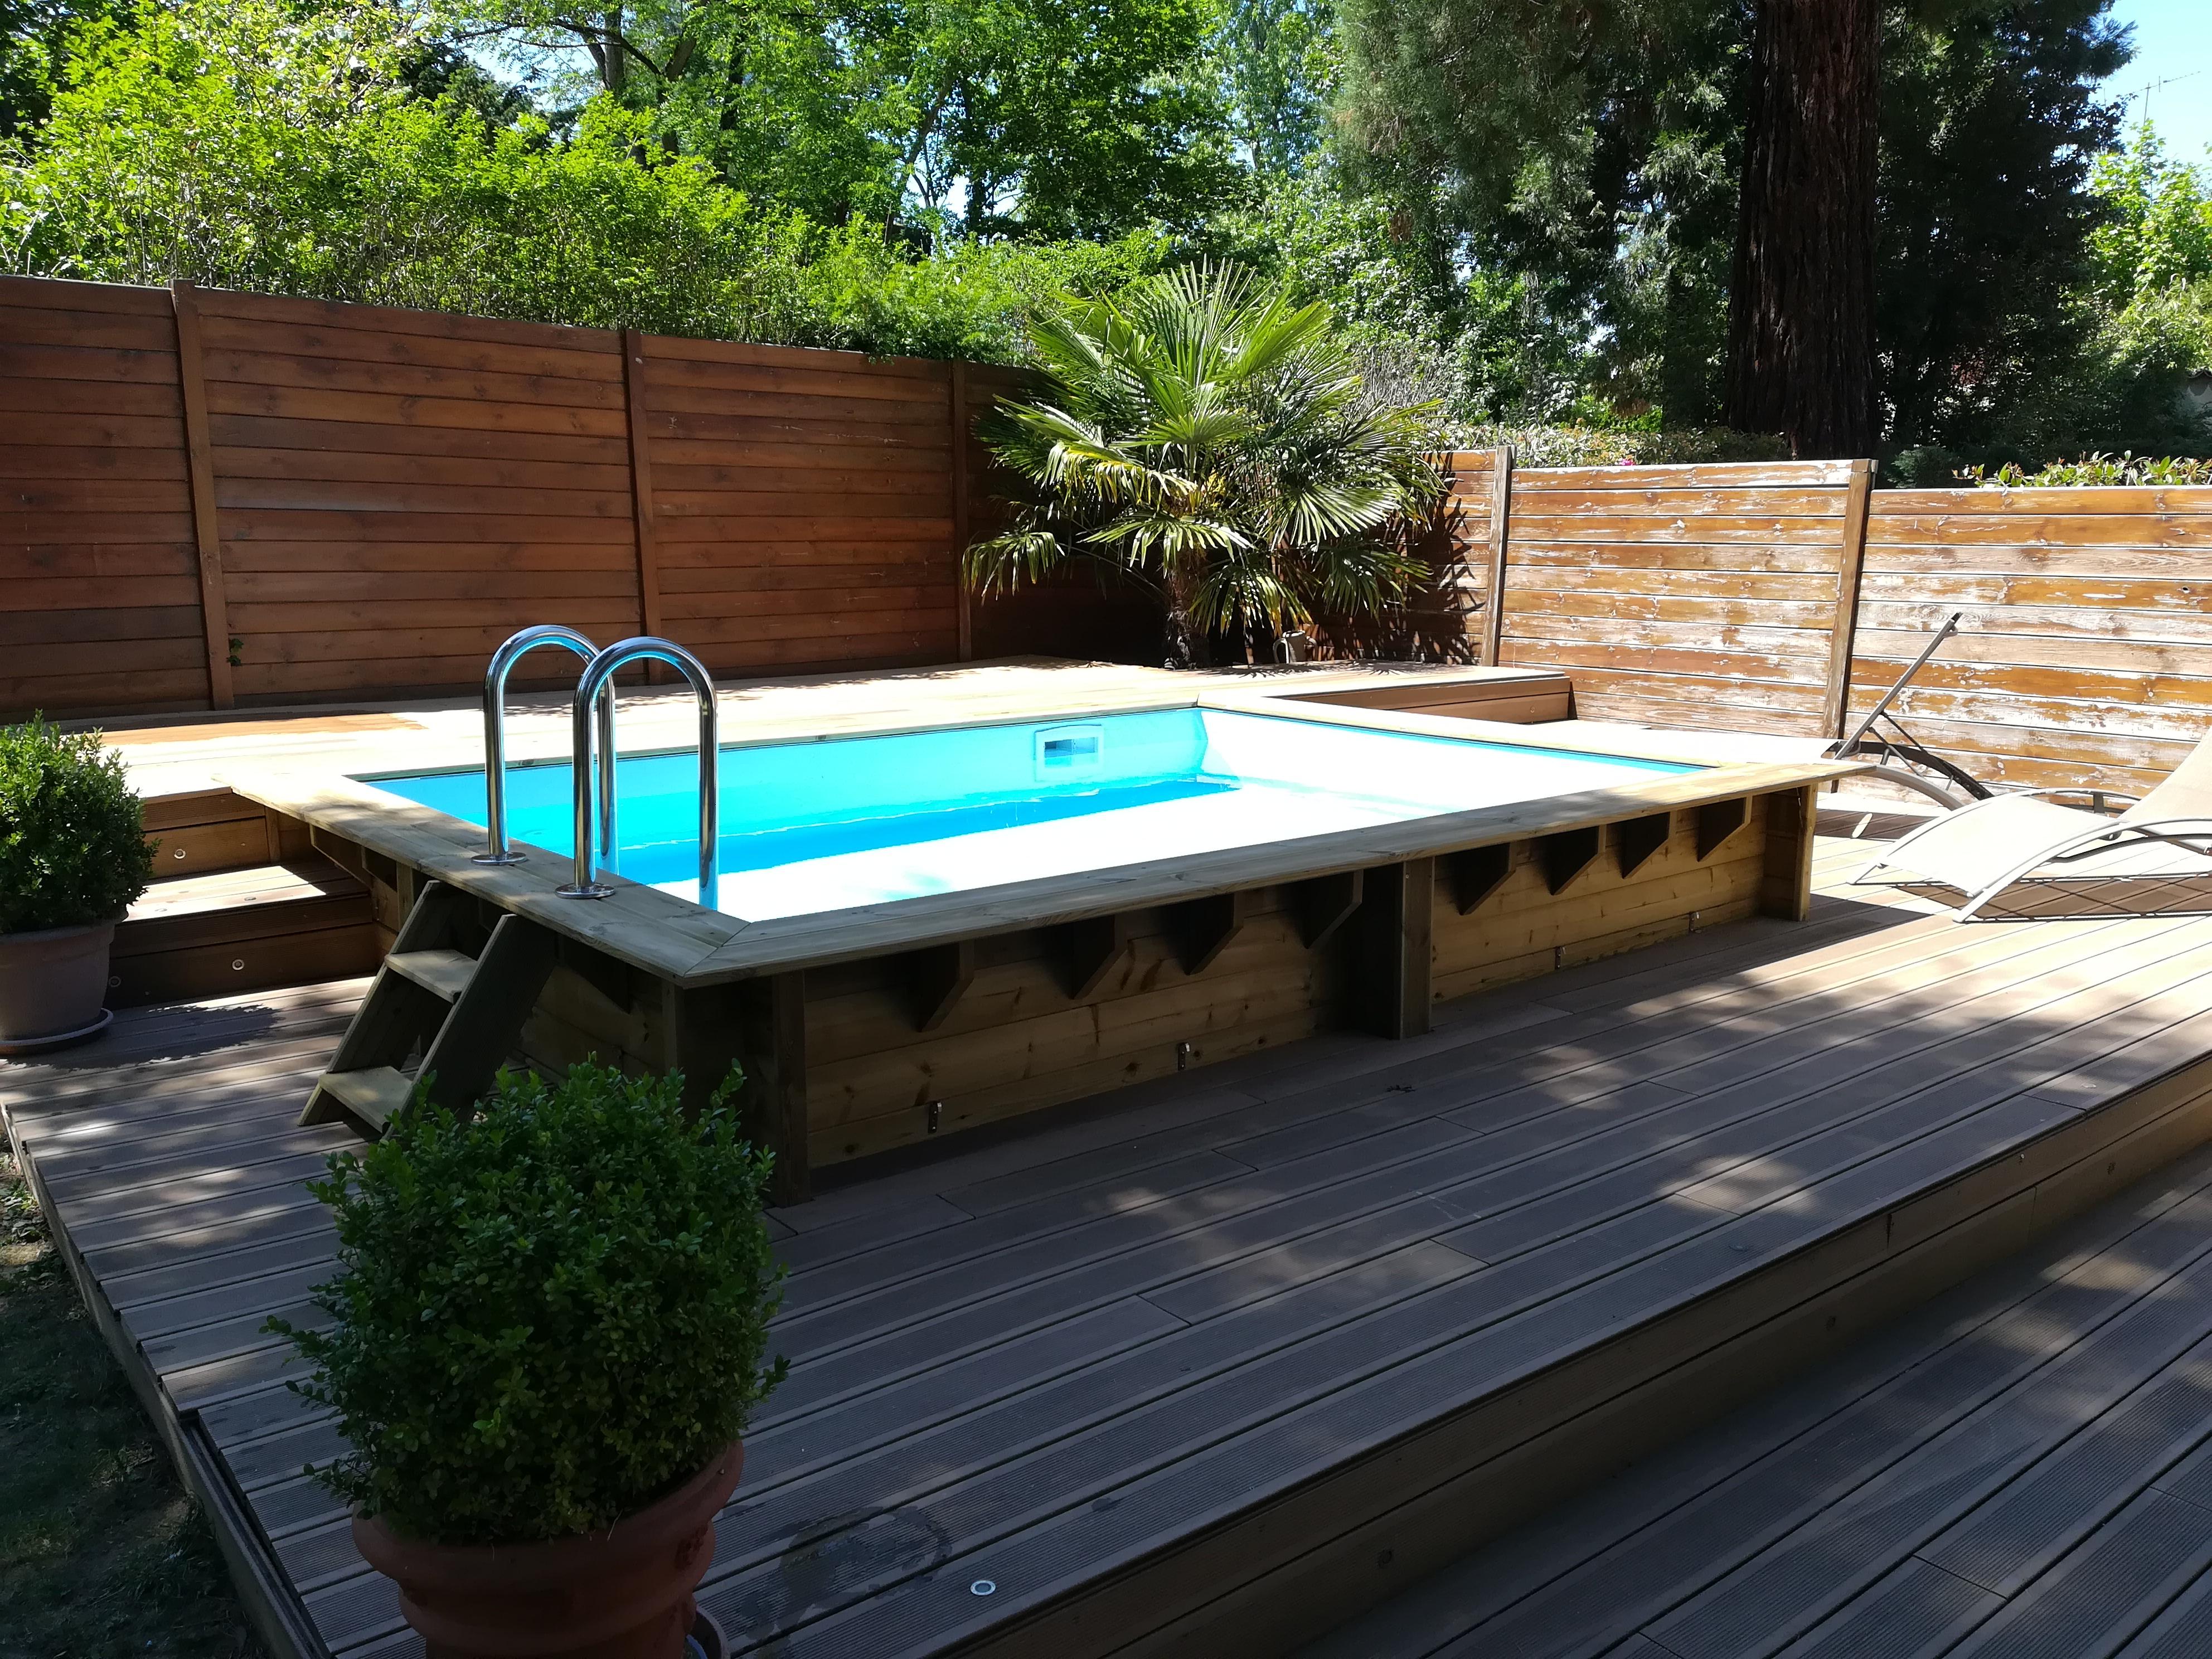 Piscine En Bois Petite Taille piscine bois hors sol rectangulaire luxe 420x320x131cm